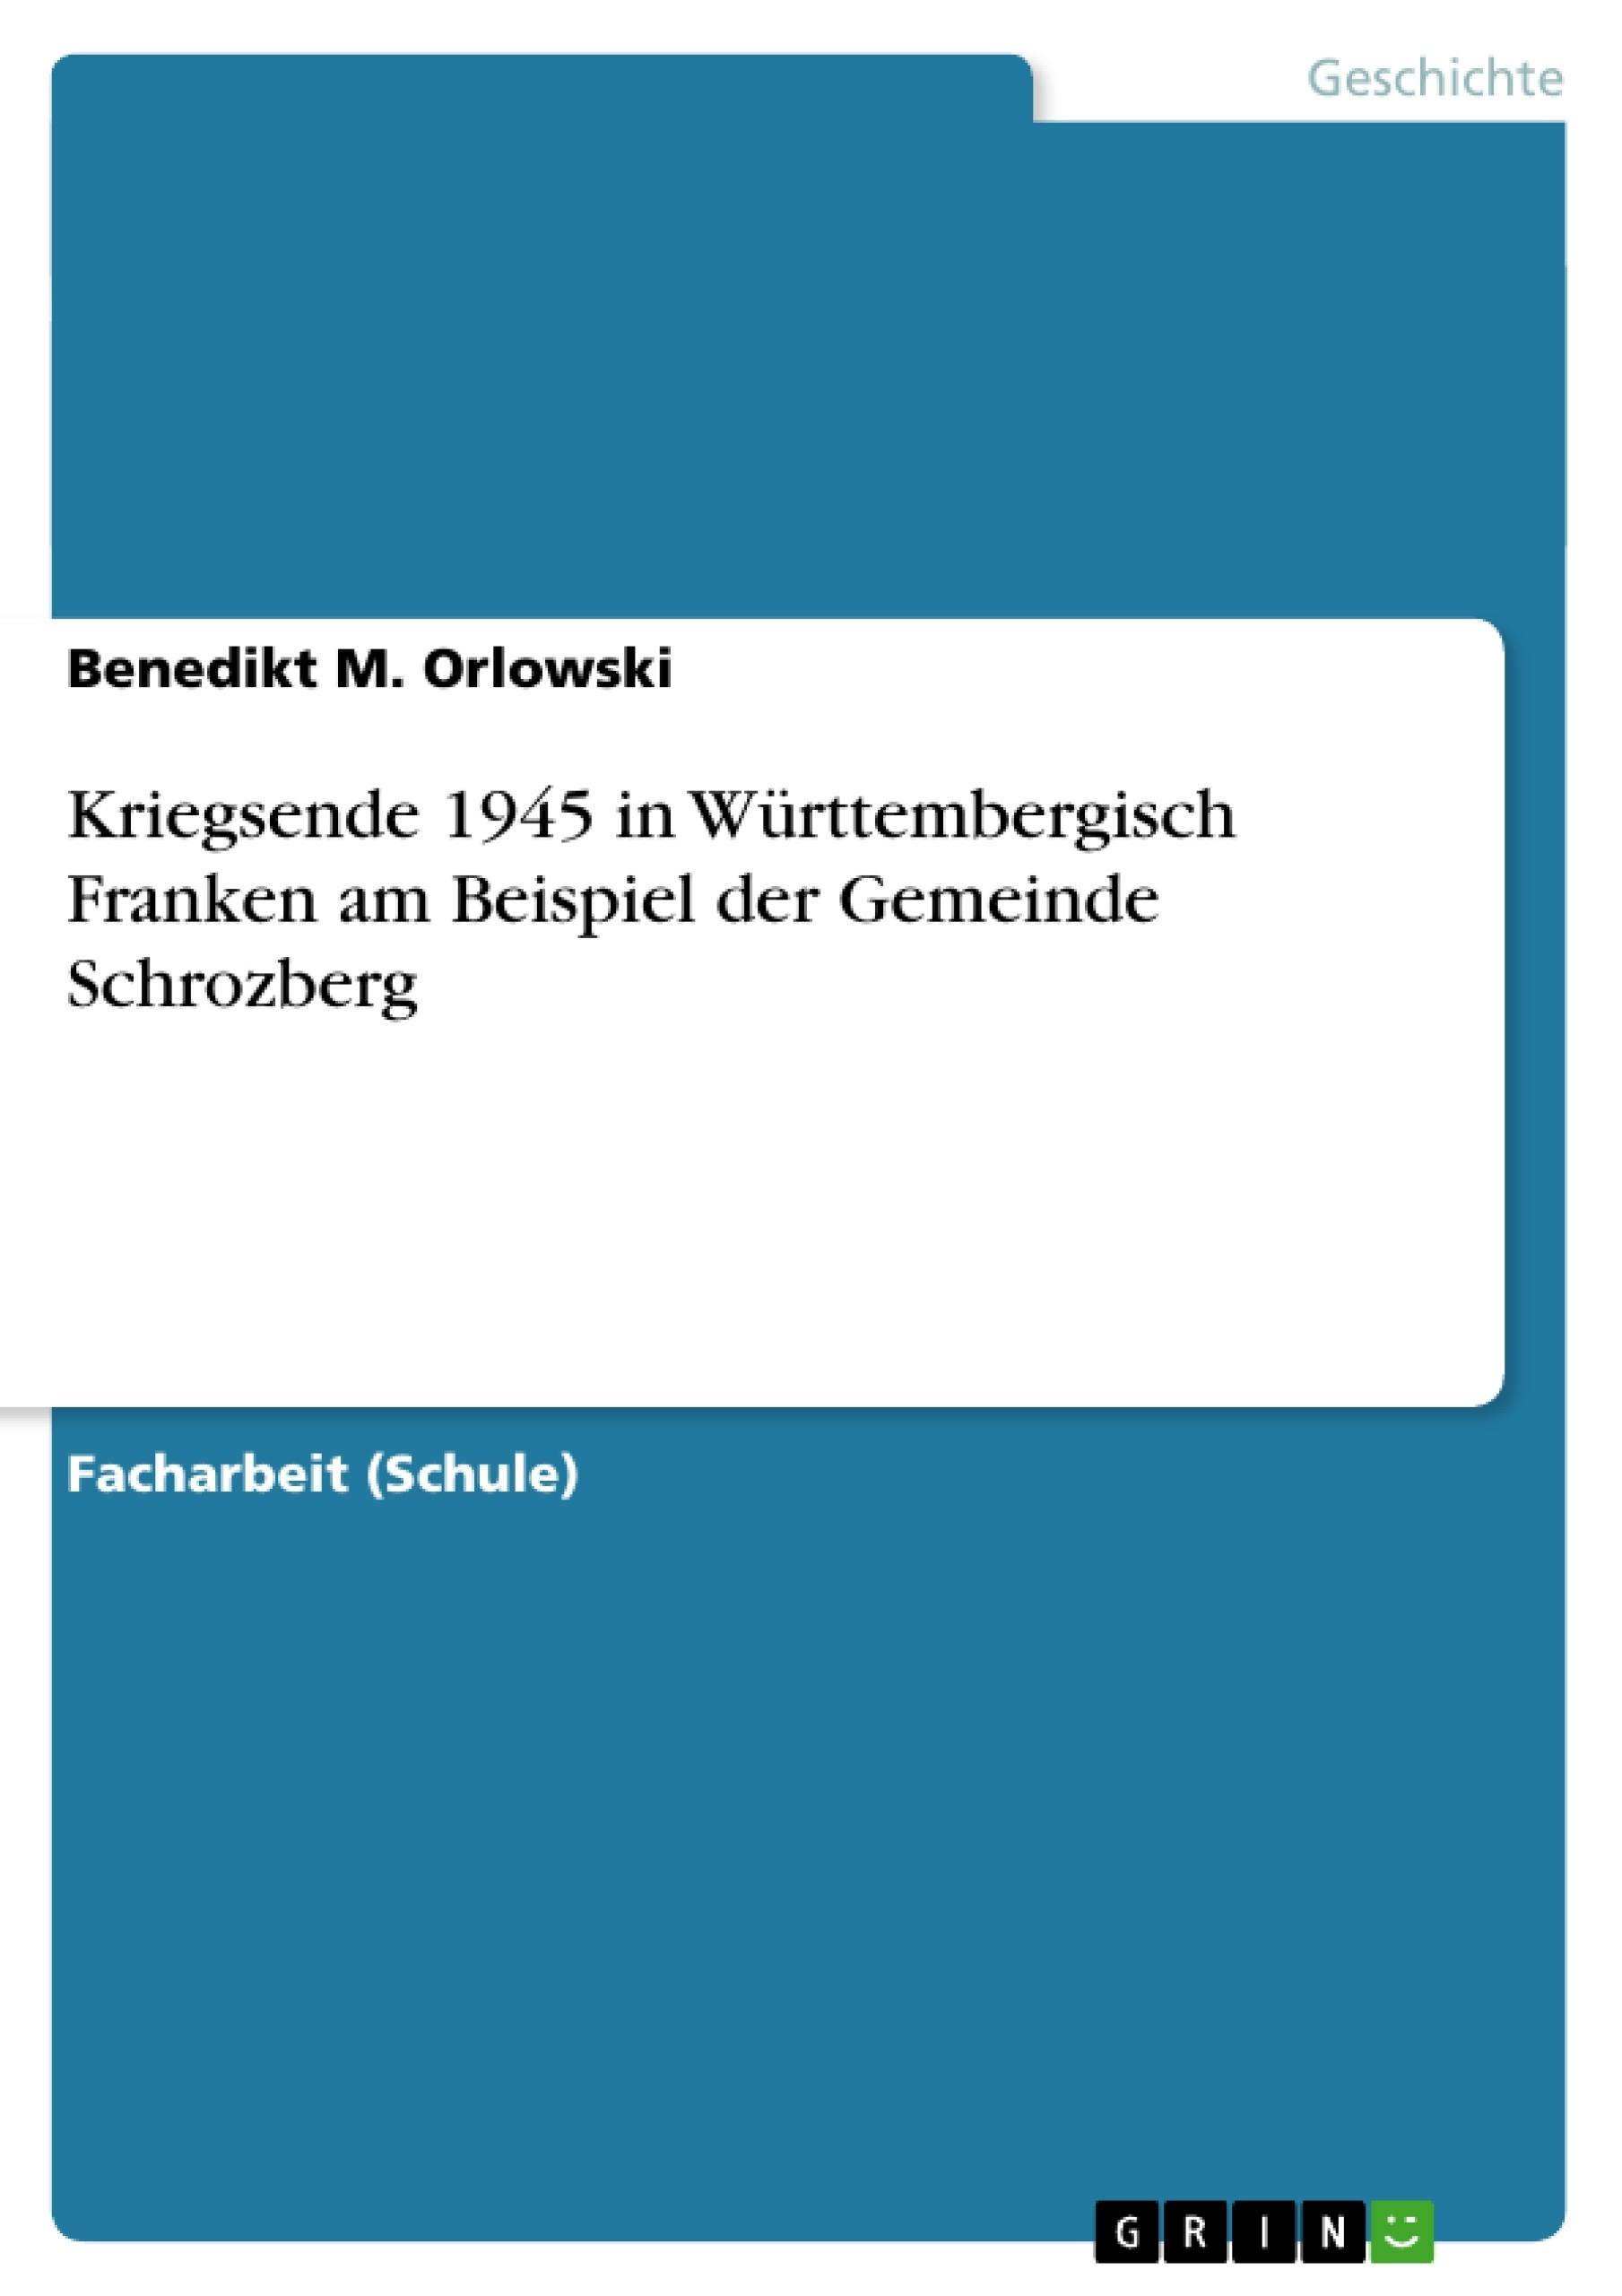 Titel: Kriegsende 1945 in Württembergisch Franken am Beispiel der Gemeinde Schrozberg